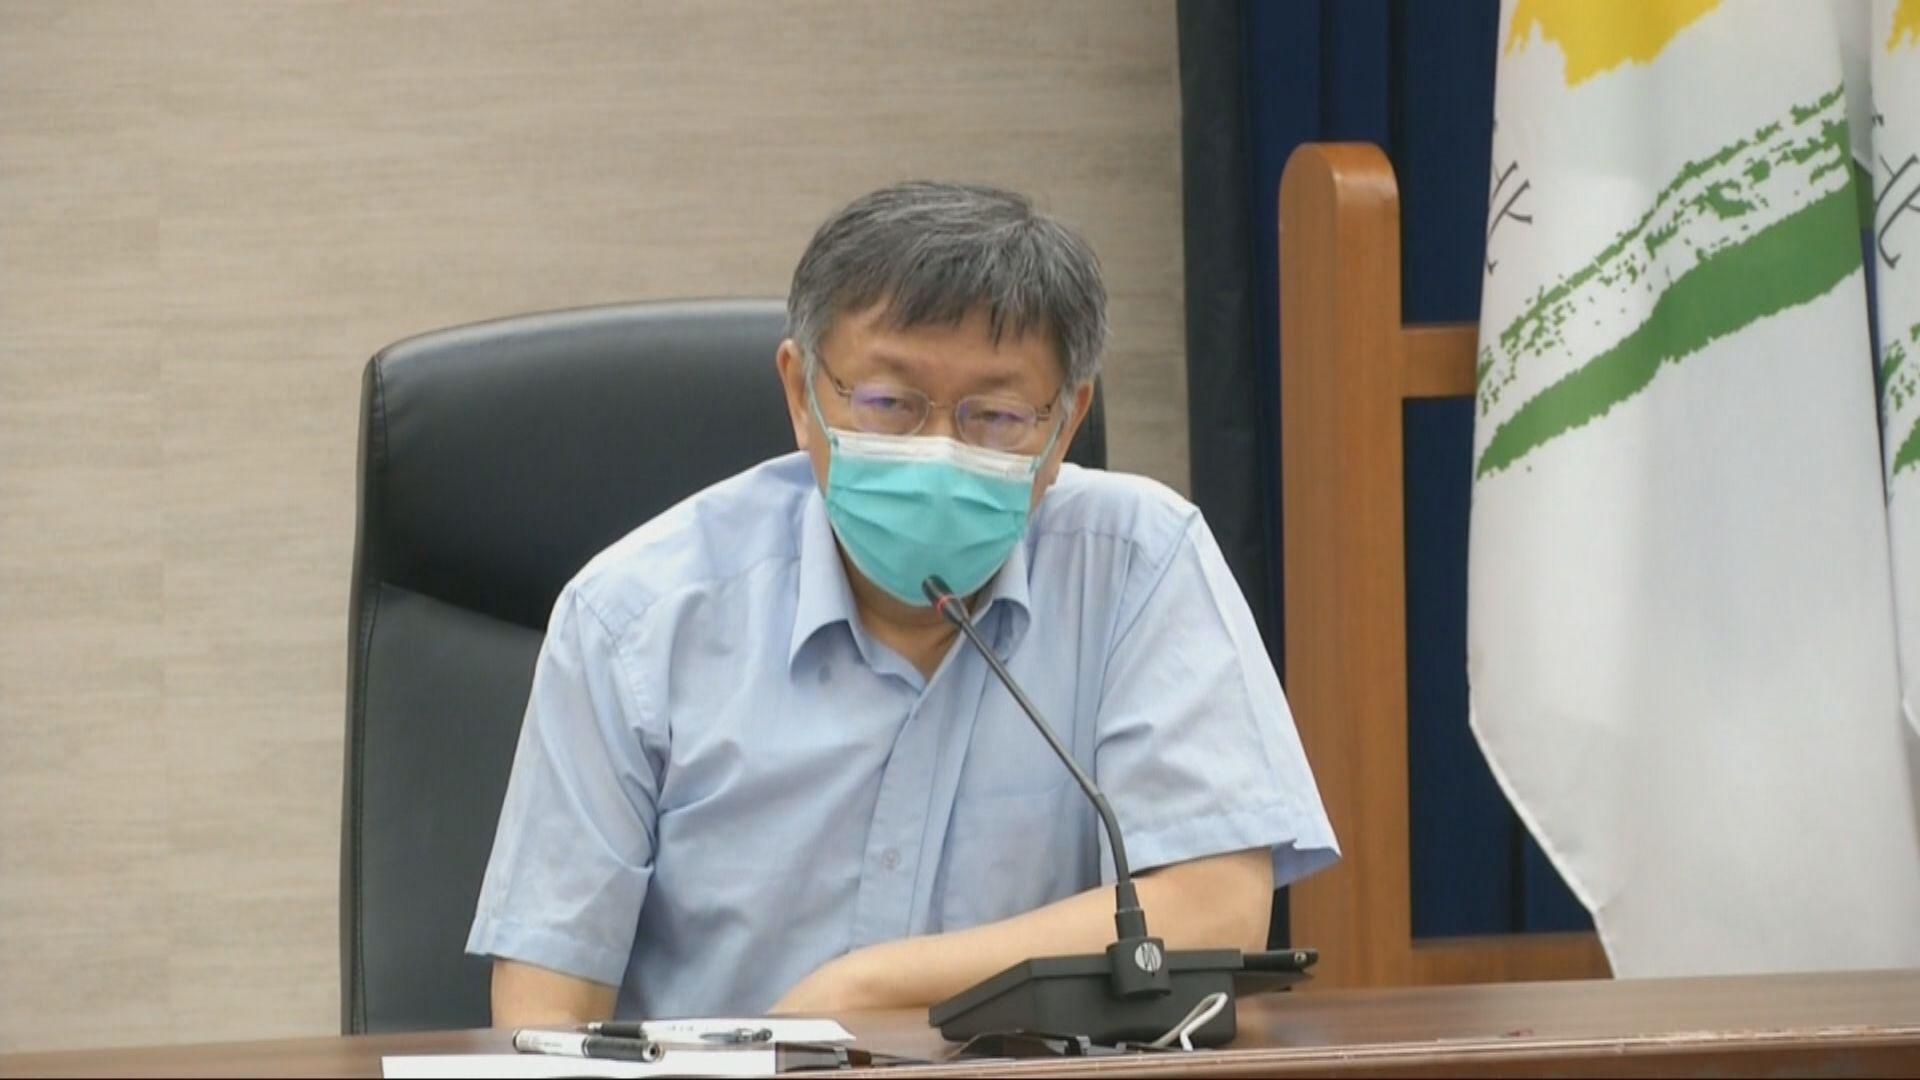 柯文哲:醫療系統壓力非常繃緊 八月才有台灣疫苗是太遲